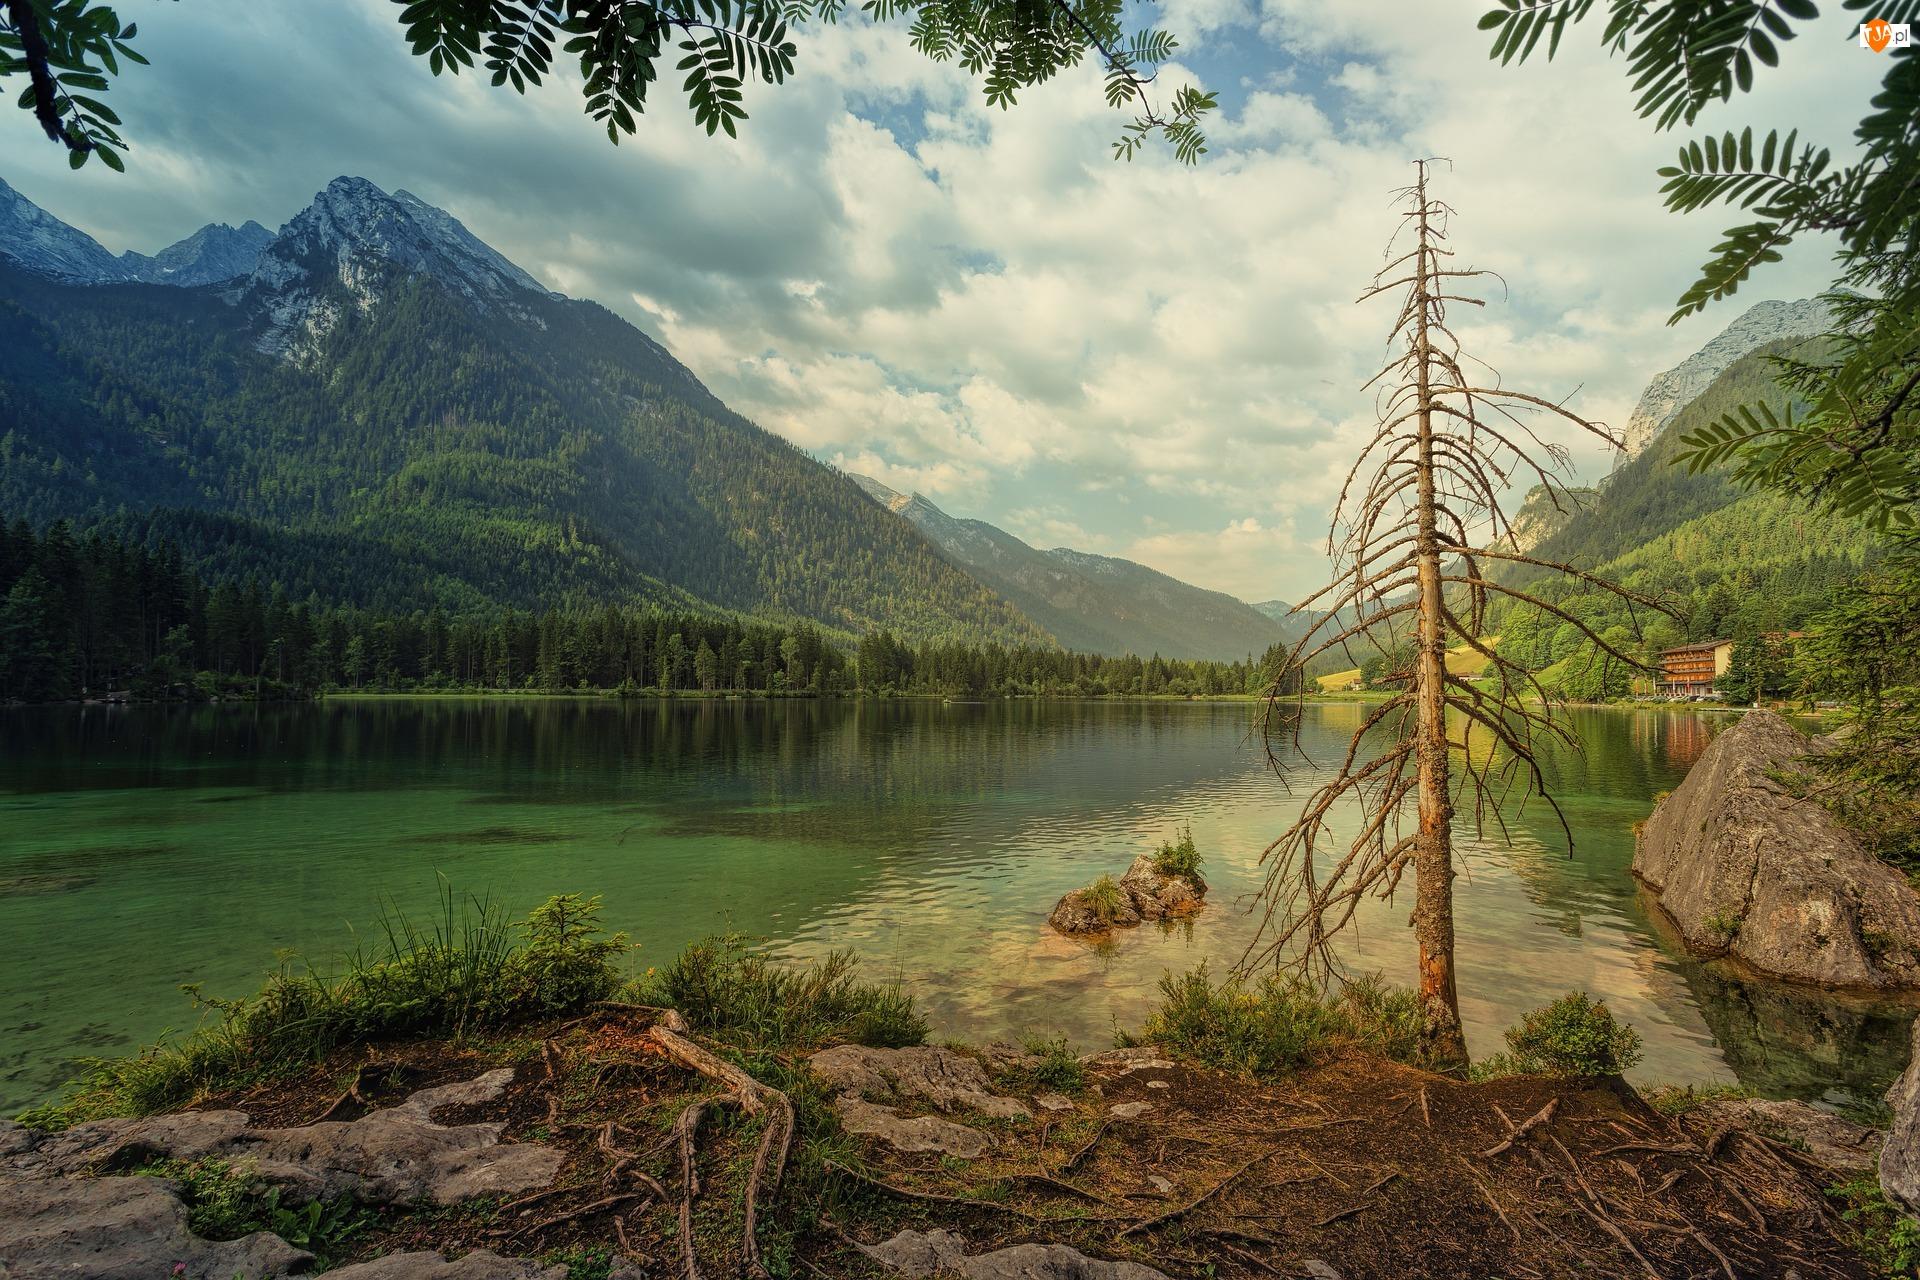 Jezioro Hintersee, Lasy, Niemcy, Góry Alpy, Bawaria, Gmina Ramsau bei Berchtesgaden, Drzewo